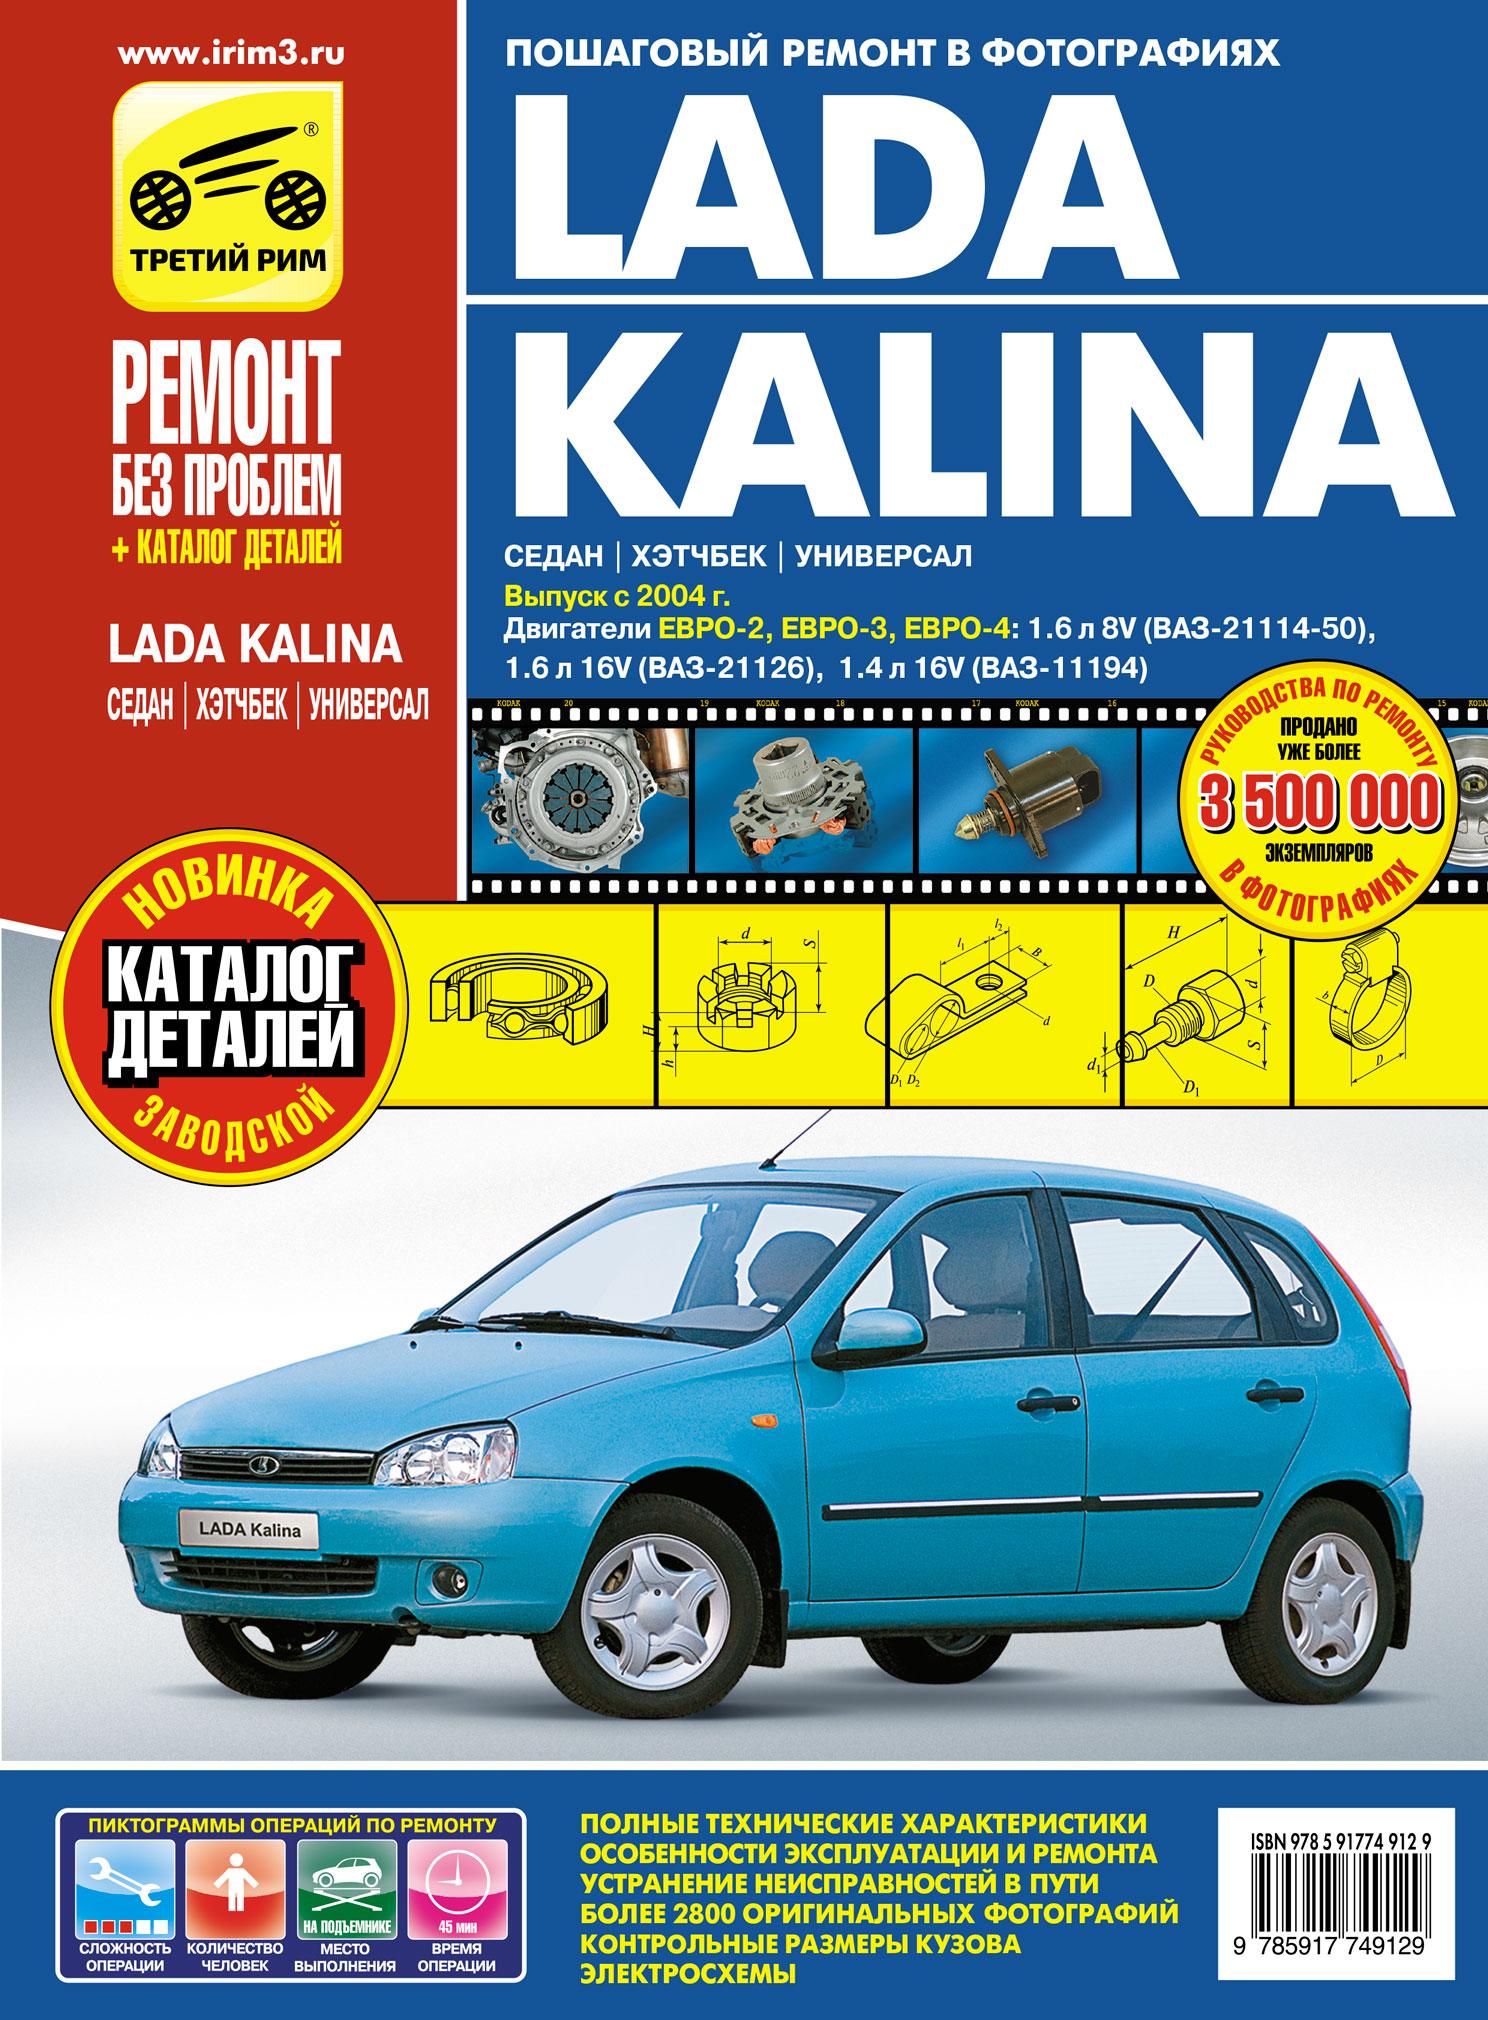 Lada Kalina ВАЗ-11193, -11194 хэтчбек, ВАЗ-11183, -11184 седан, ВАЗ-11173, -11174 универсал. Руководство по эксплуатации, техническому обслуживанию и ремонту + каталог деталей сиденья водительское для ваз 2112